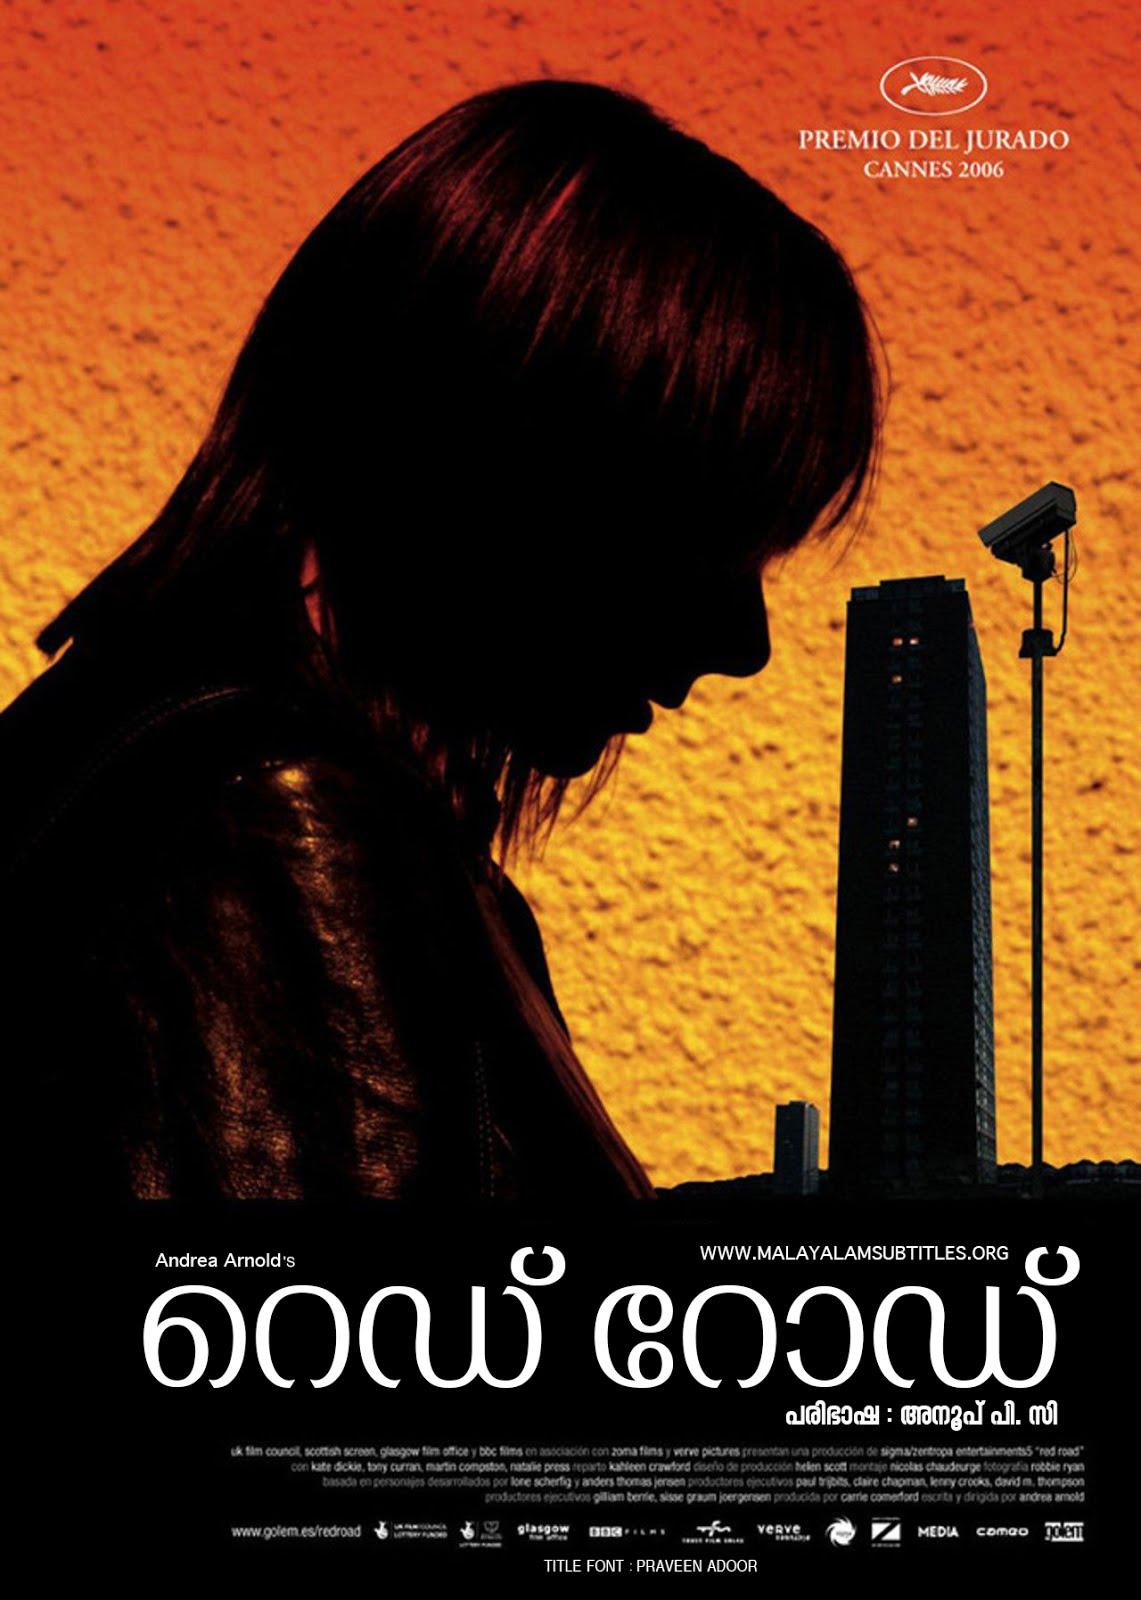 എം സോണ് - Malayalam Subtitles for Everyone